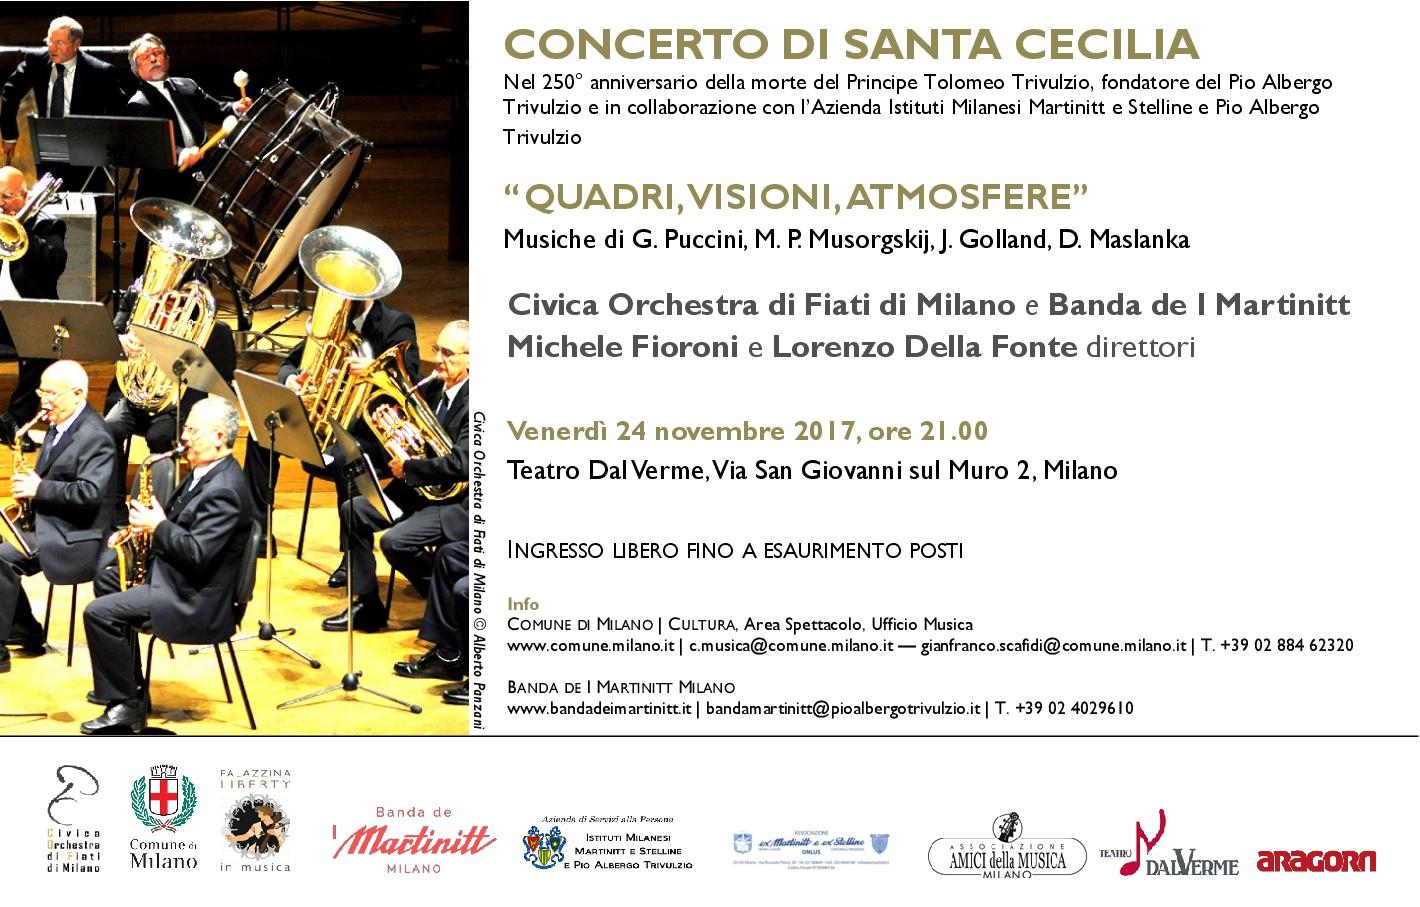 Concerto in onore di Santa Cecilia, Civica Orchestra di Fiati del comune di Milano e Banda de I Martinitt